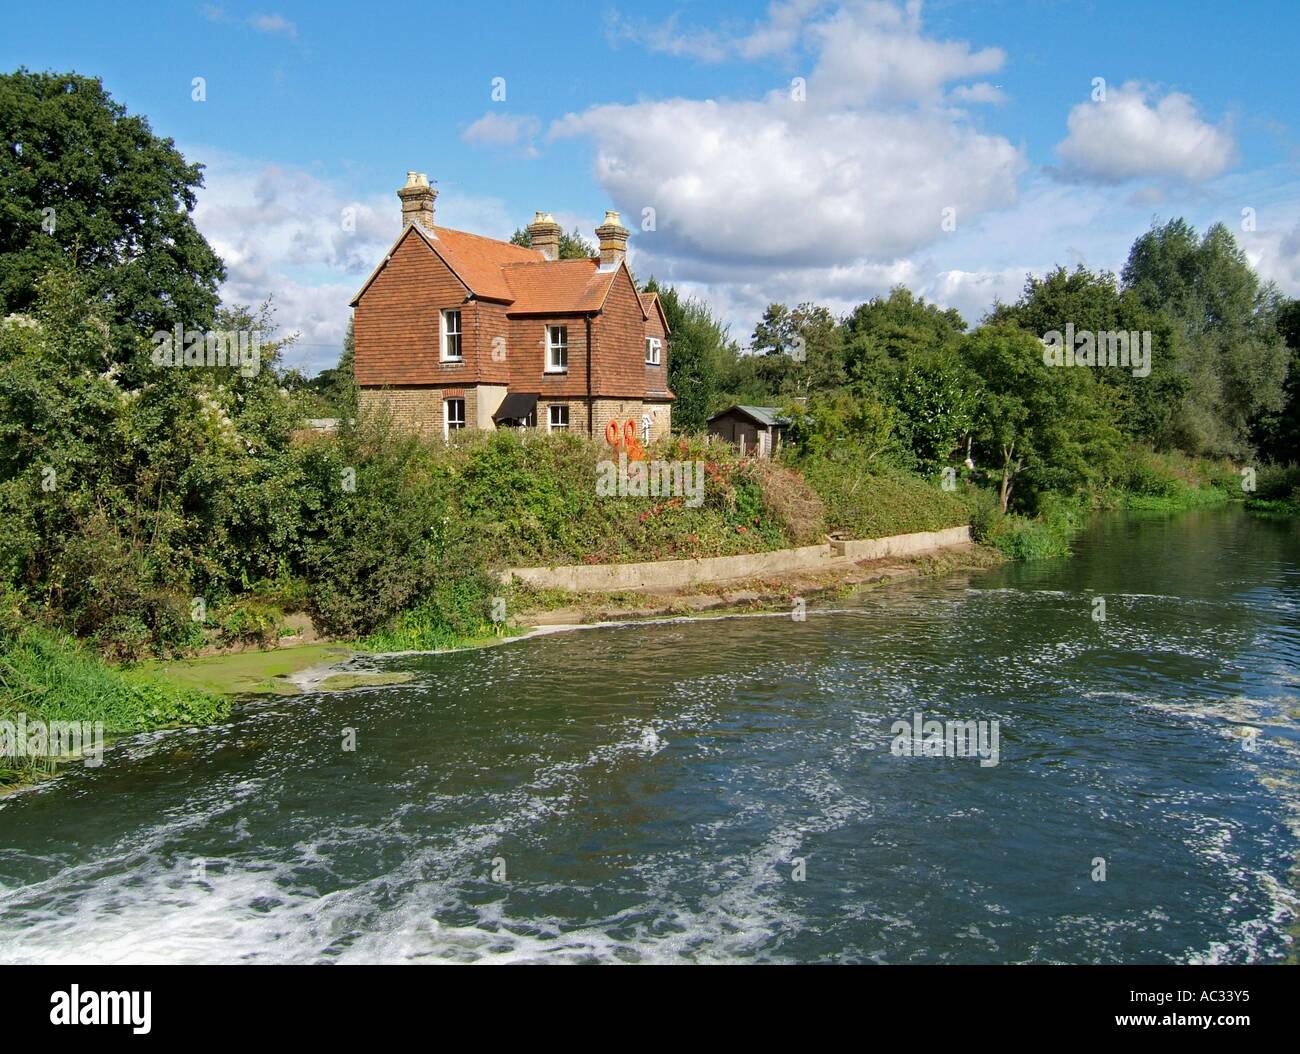 The Wey Navigations, Walsham Lock, Surrey, England, UK - Stock Image